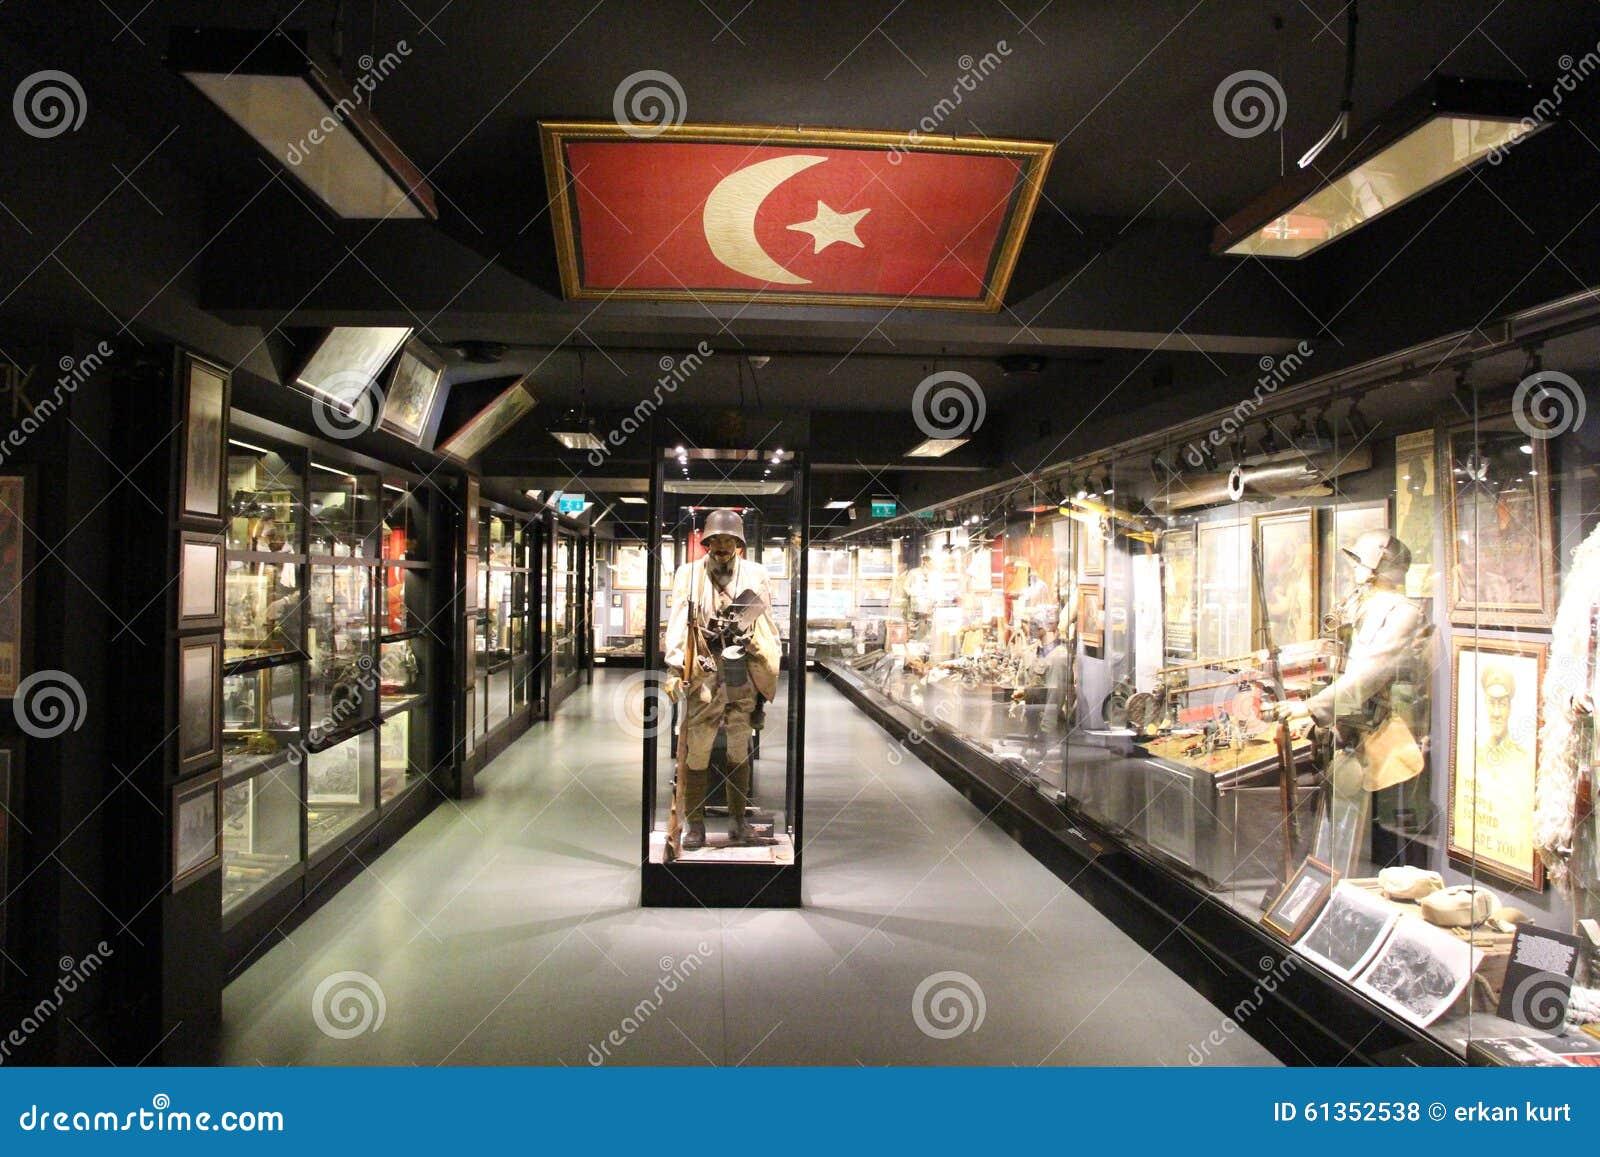 Hisart eerste van de wereld en slechts het leven diorama van het geschiedenismuseum - Eigentijds leven ...